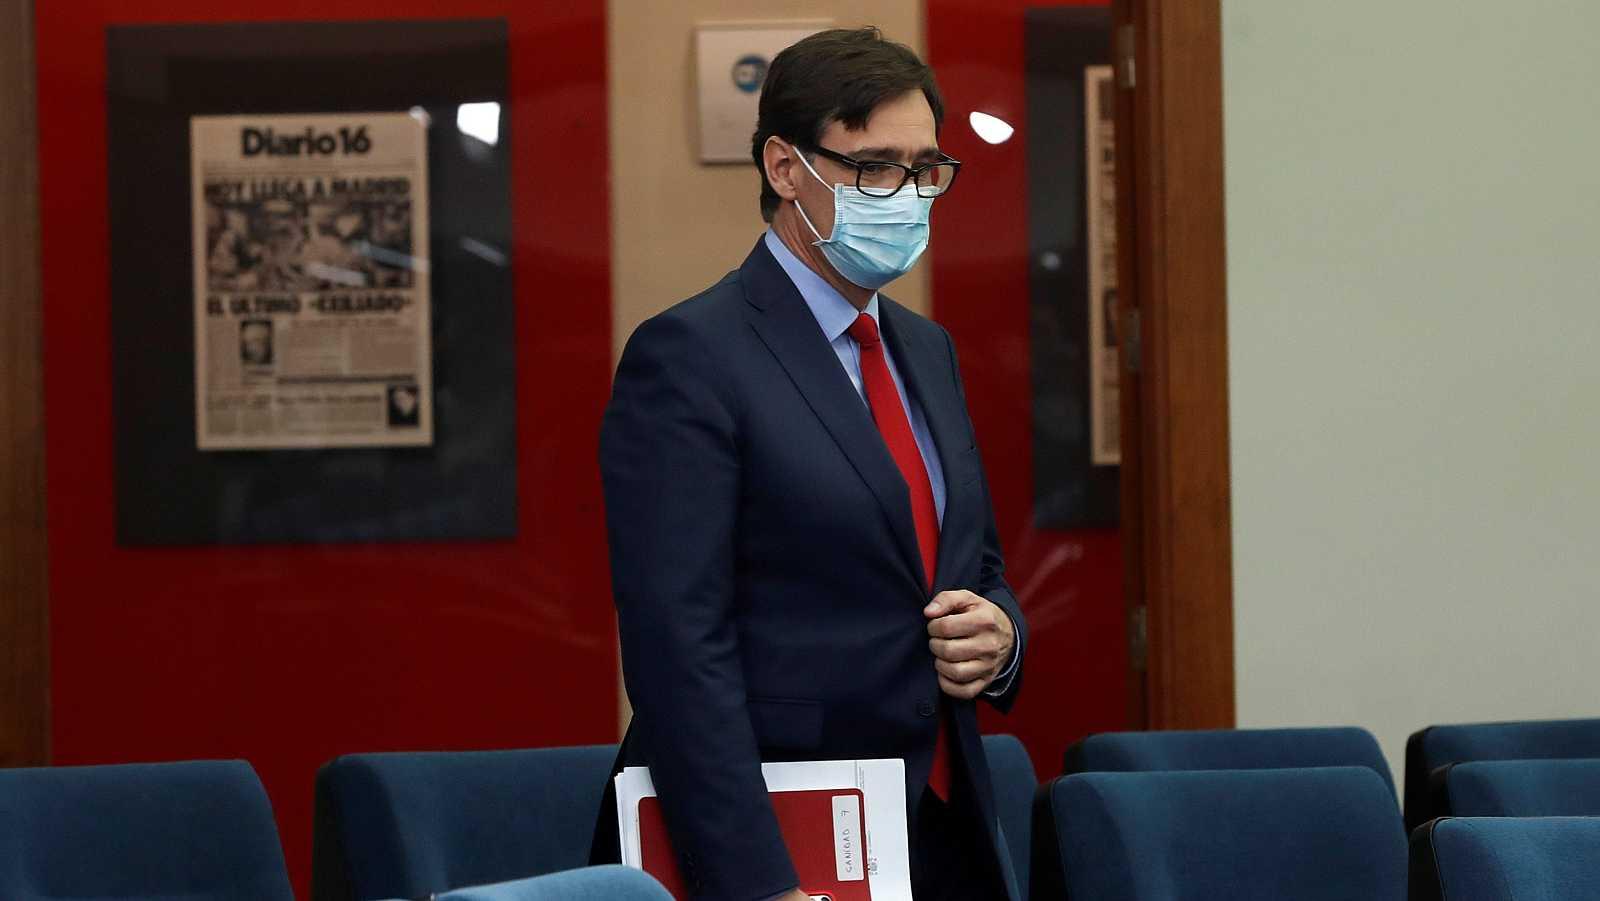 """14 horas - Illa se despide de Sanidad: """"Estoy convencido de que vamos a erradicar el virus"""" - Escuchar ahora"""